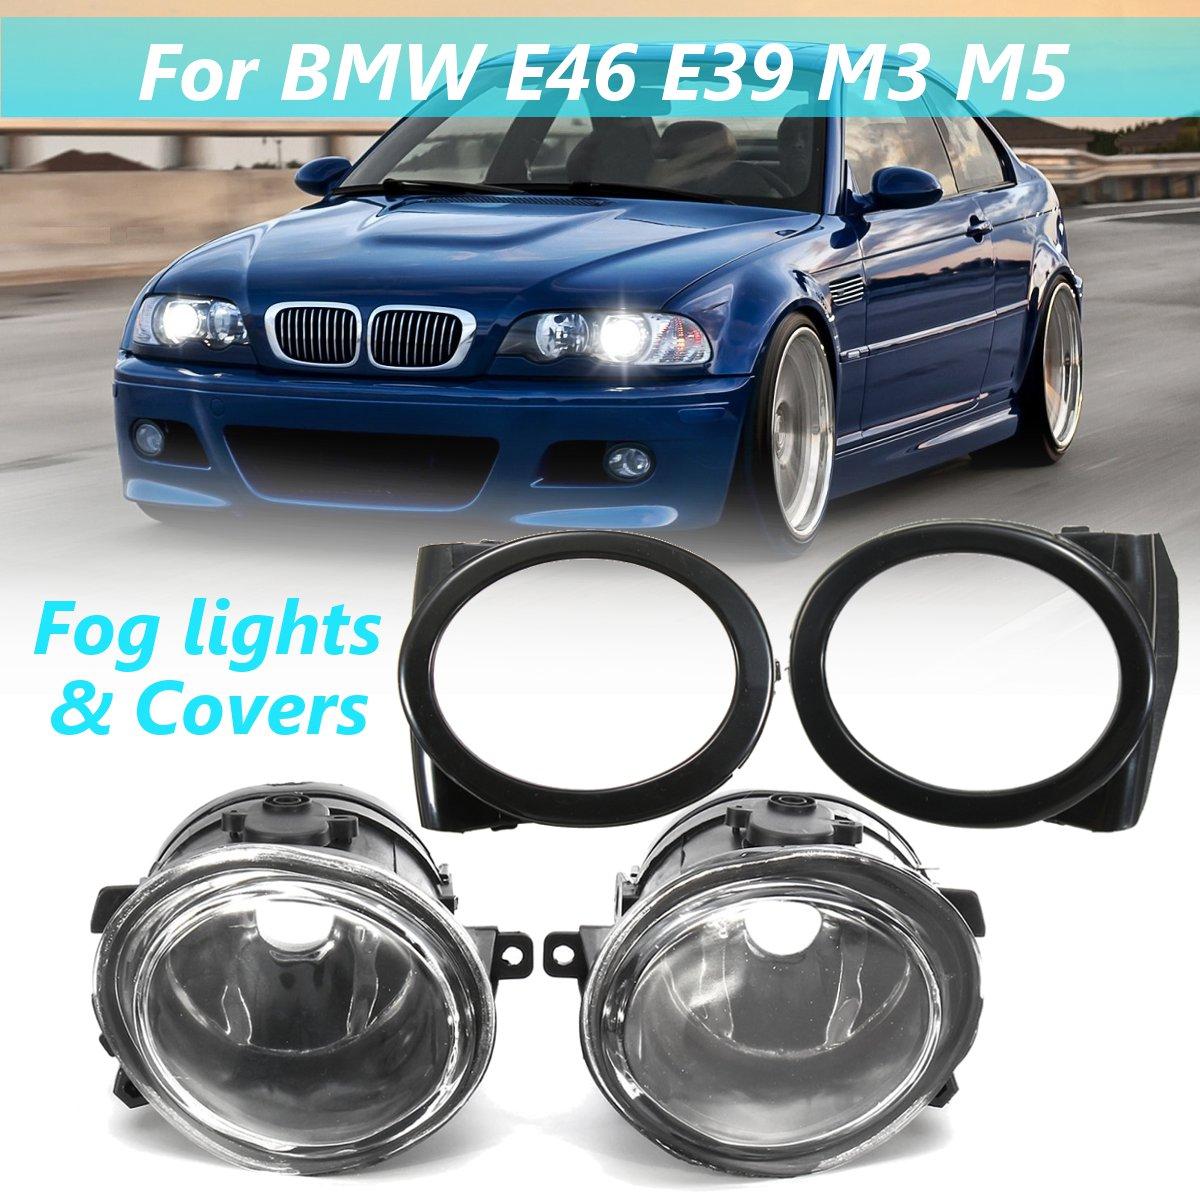 Pair 12V Fog Light Assembly Car sport foglamps foglights fogs for BMW E46 E39 M Sport M3 & M5 1998 1999 2000 2001 2002 2003 2004Pair 12V Fog Light Assembly Car sport foglamps foglights fogs for BMW E46 E39 M Sport M3 & M5 1998 1999 2000 2001 2002 2003 2004